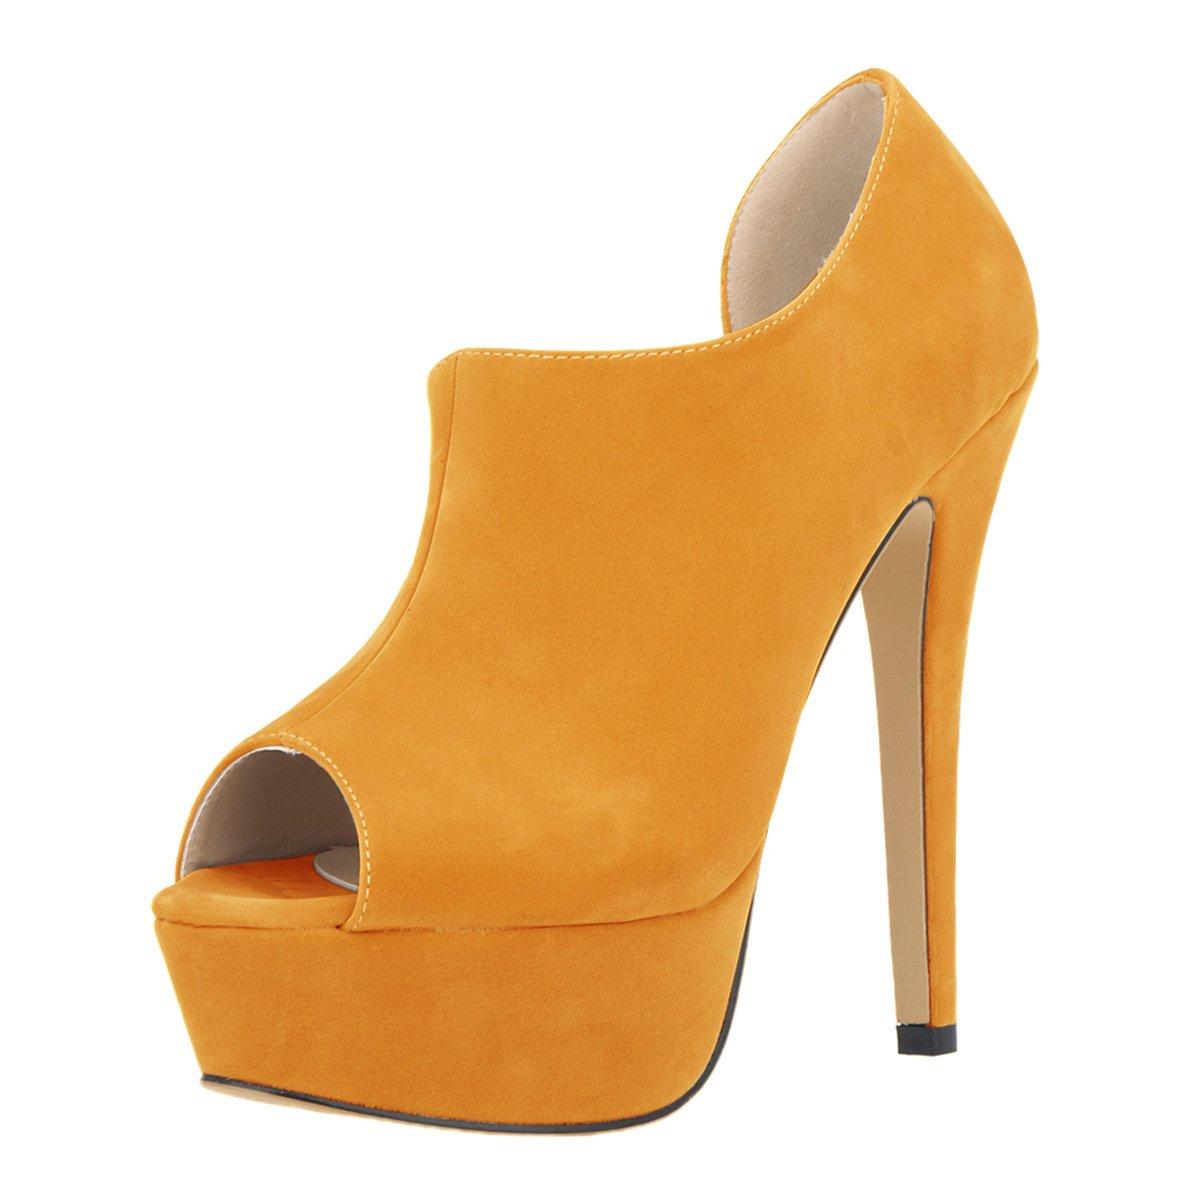 DYF Schuhe kurze Stiefel Stiefel Stiefel Farbe Größe Fisch Mund High Heel Wasserdicht Orange Fla 42 f0f883